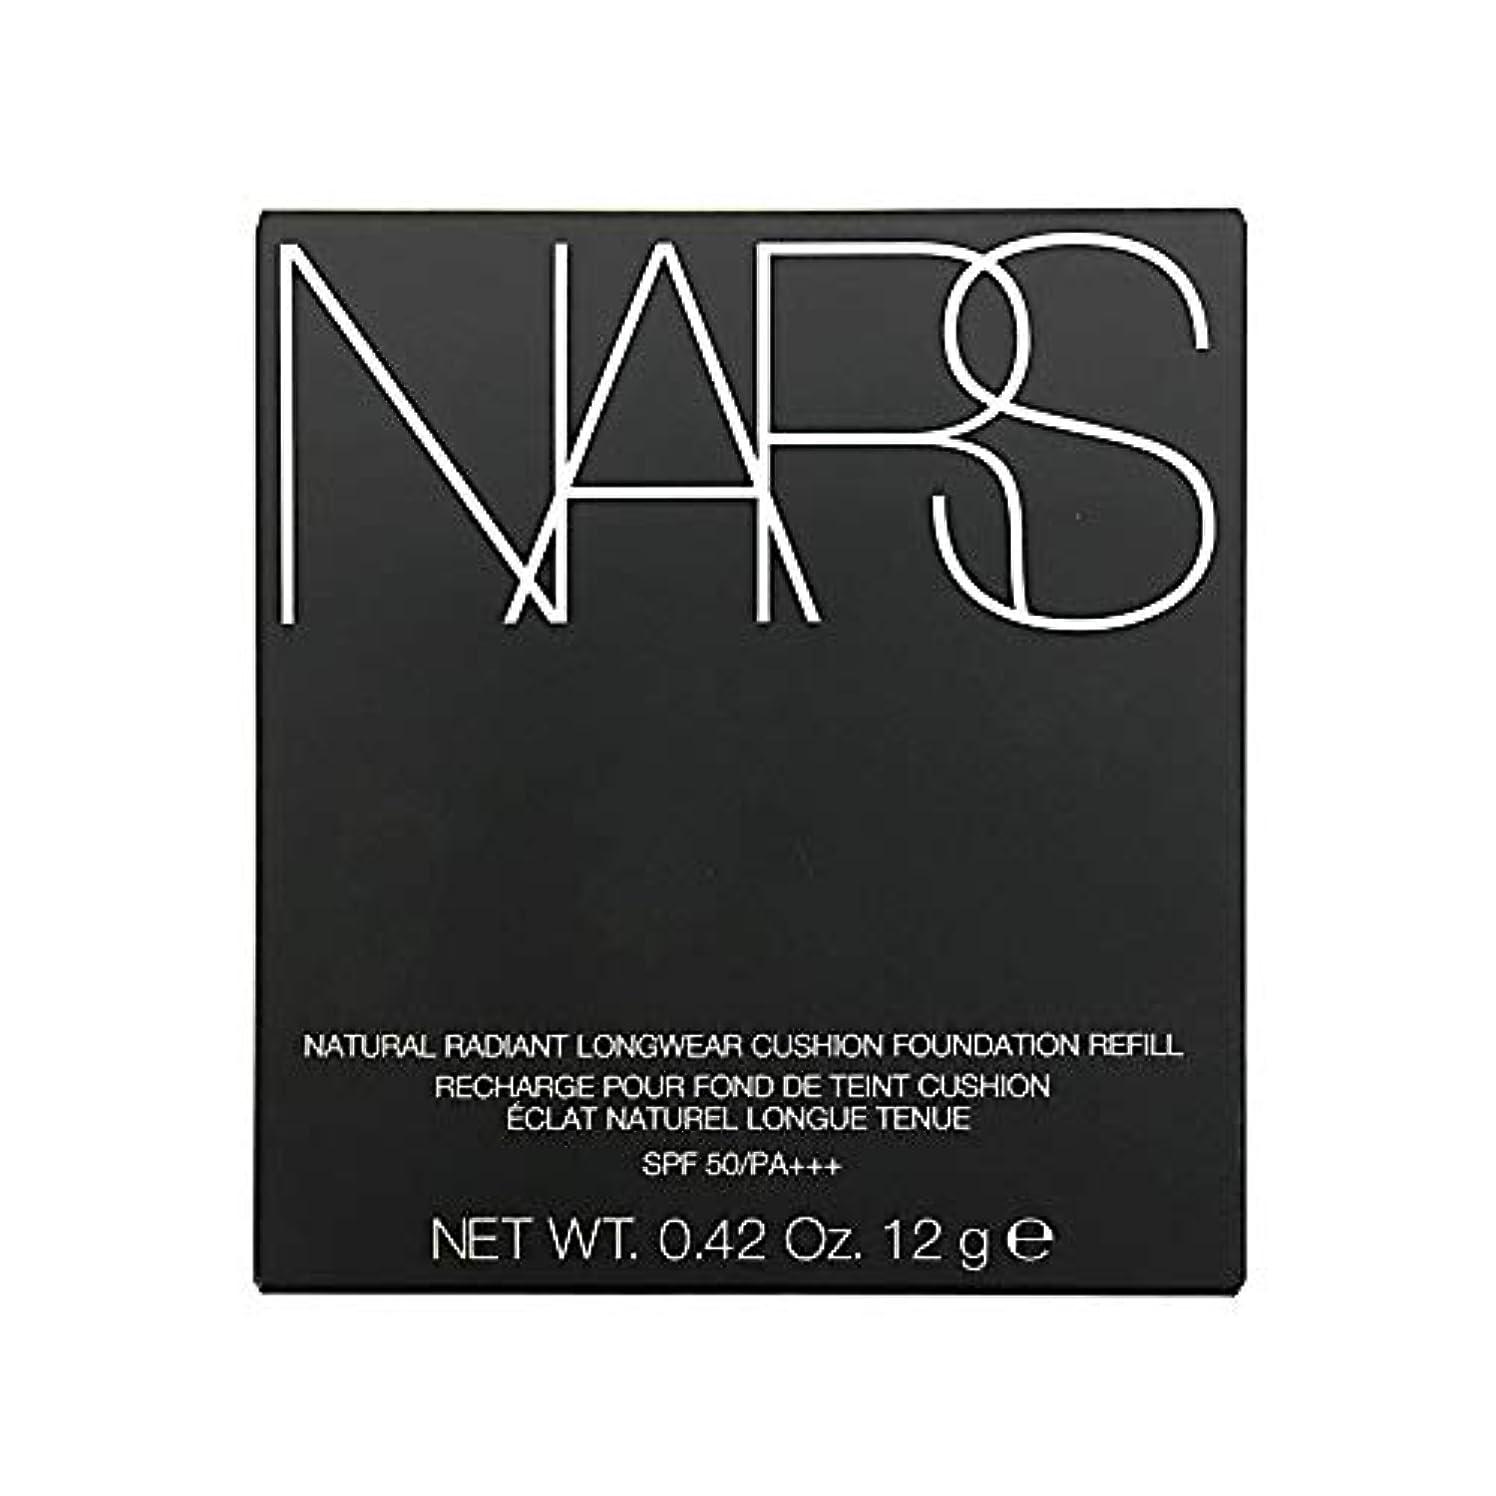 米ドル第二に広範囲にナーズ/NARS ナチュラルラディアント ロングウェア クッションファンデーション(レフィル)#5881 [ クッションファンデ ] [並行輸入品]